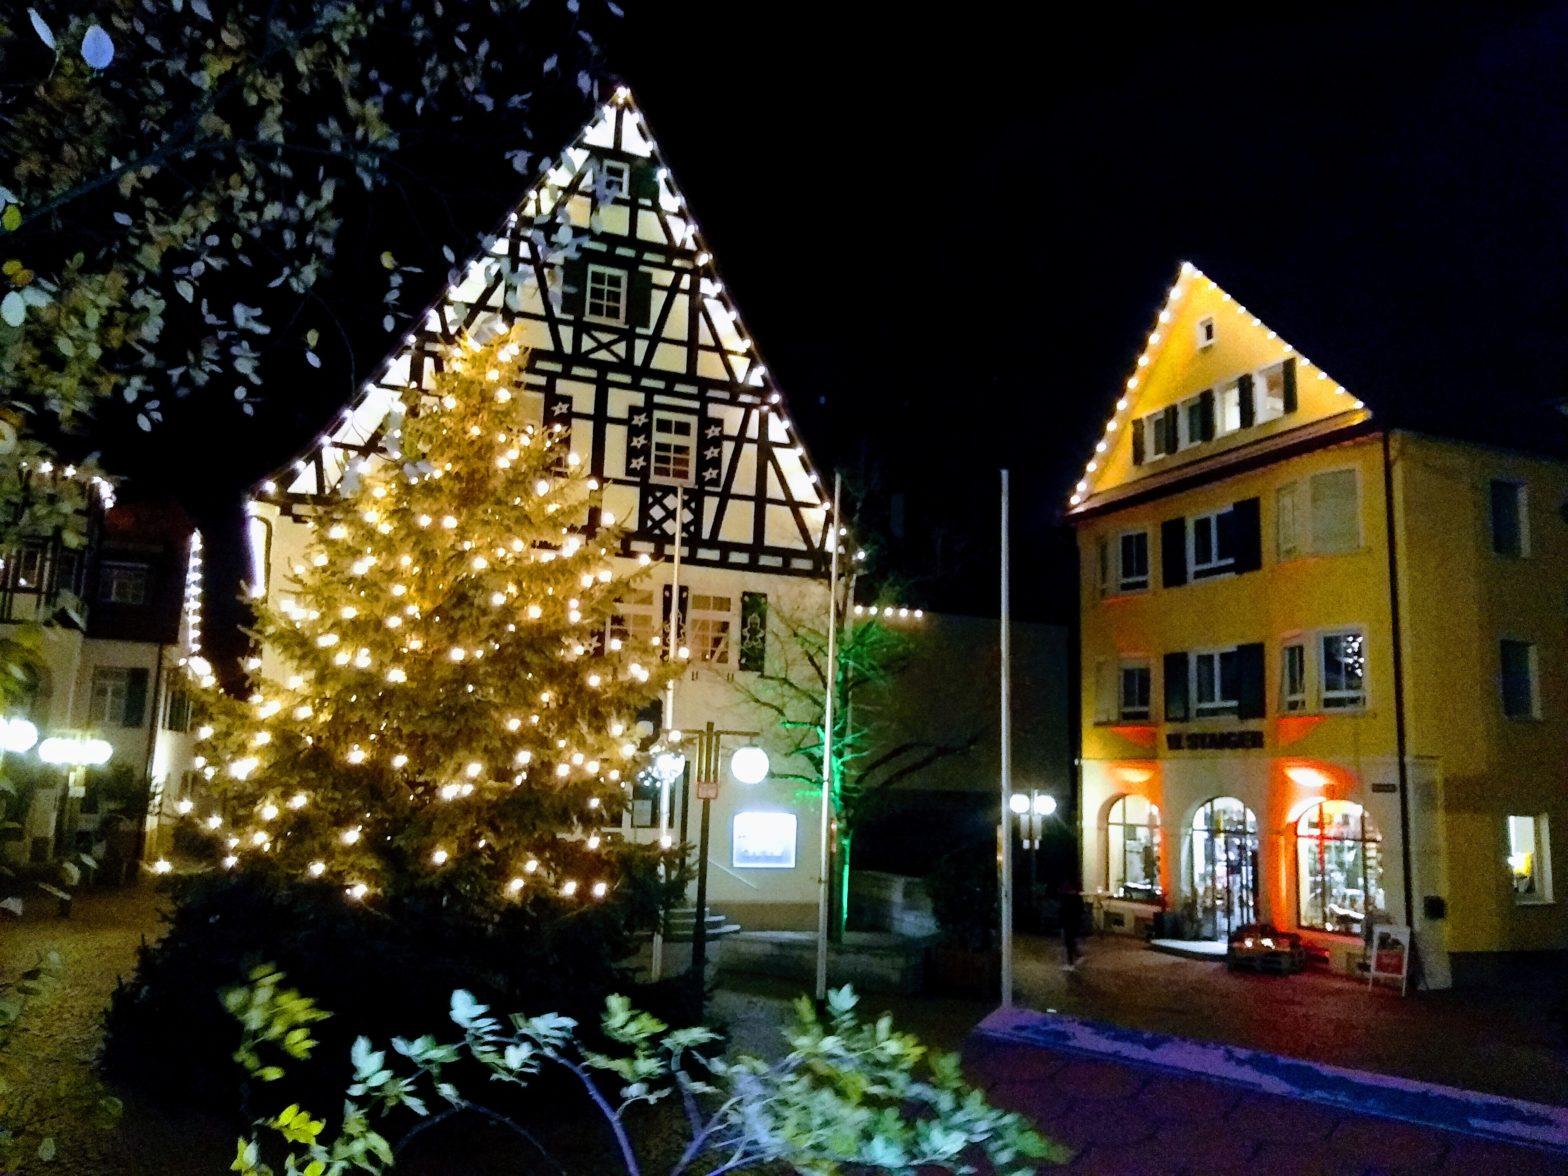 Marktplatz Adventszeit